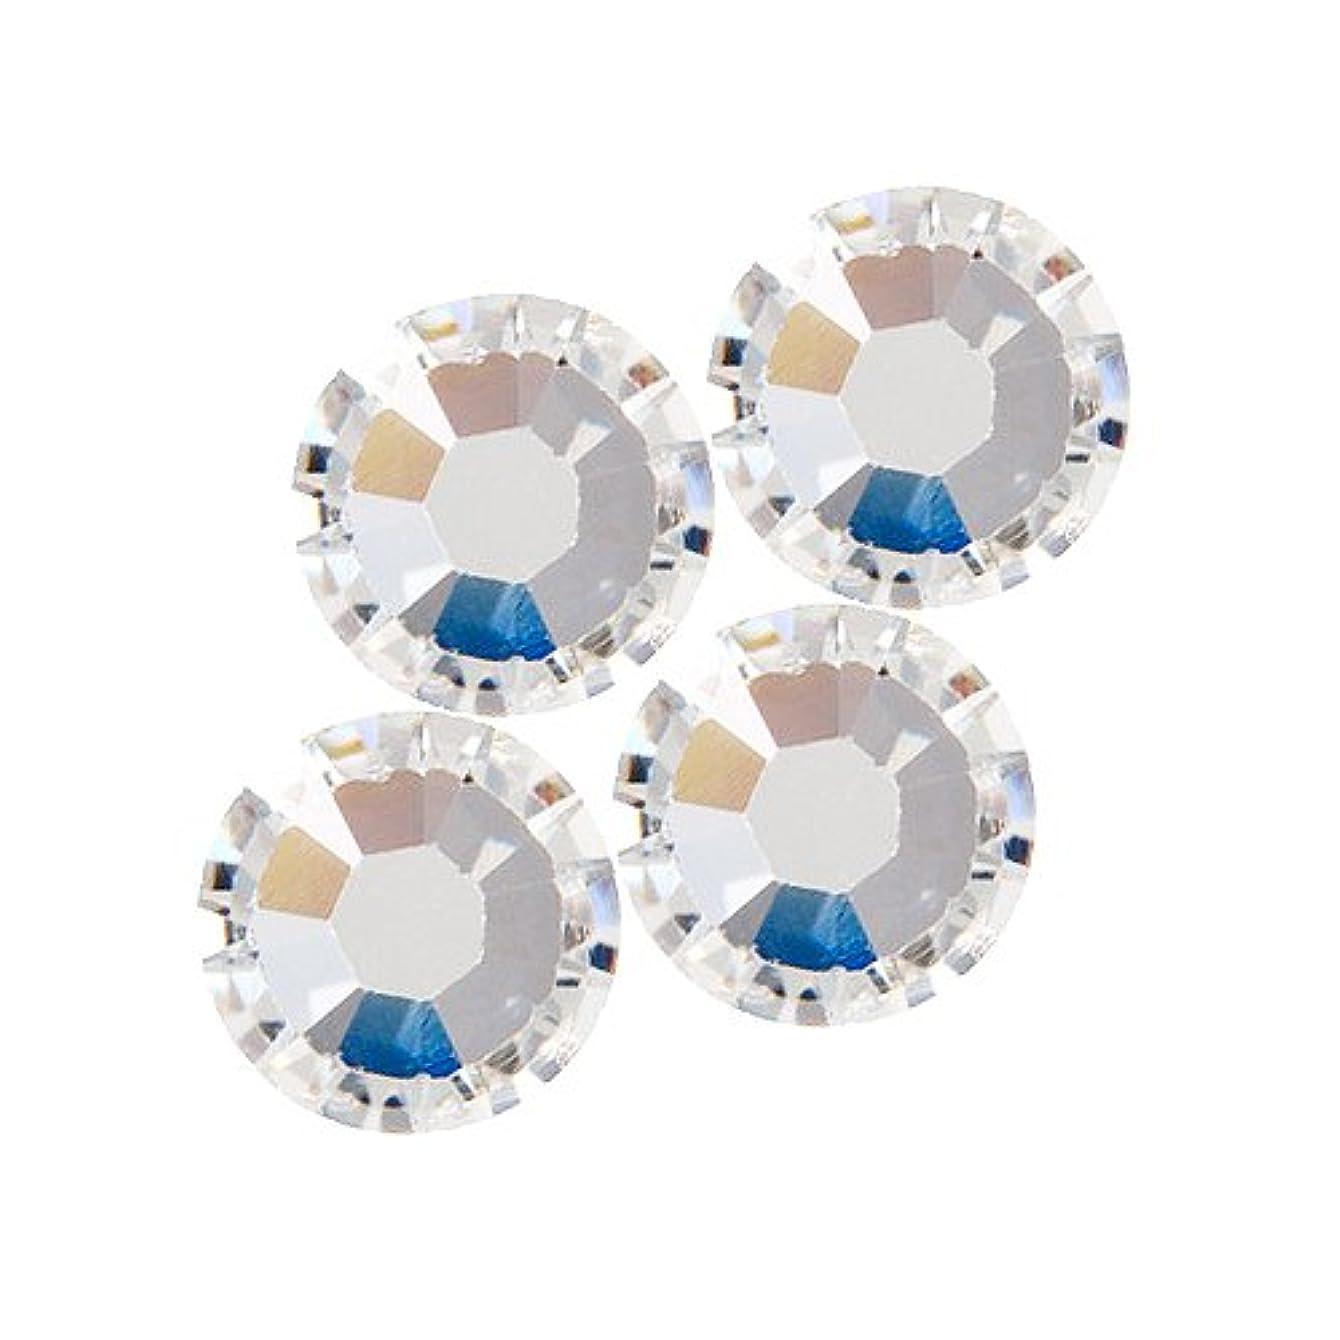 アームストロング桁偏心バイナル DIAMOND RHINESTONE  クリスタル SS6 720粒 ST-SS6-CRY-5G